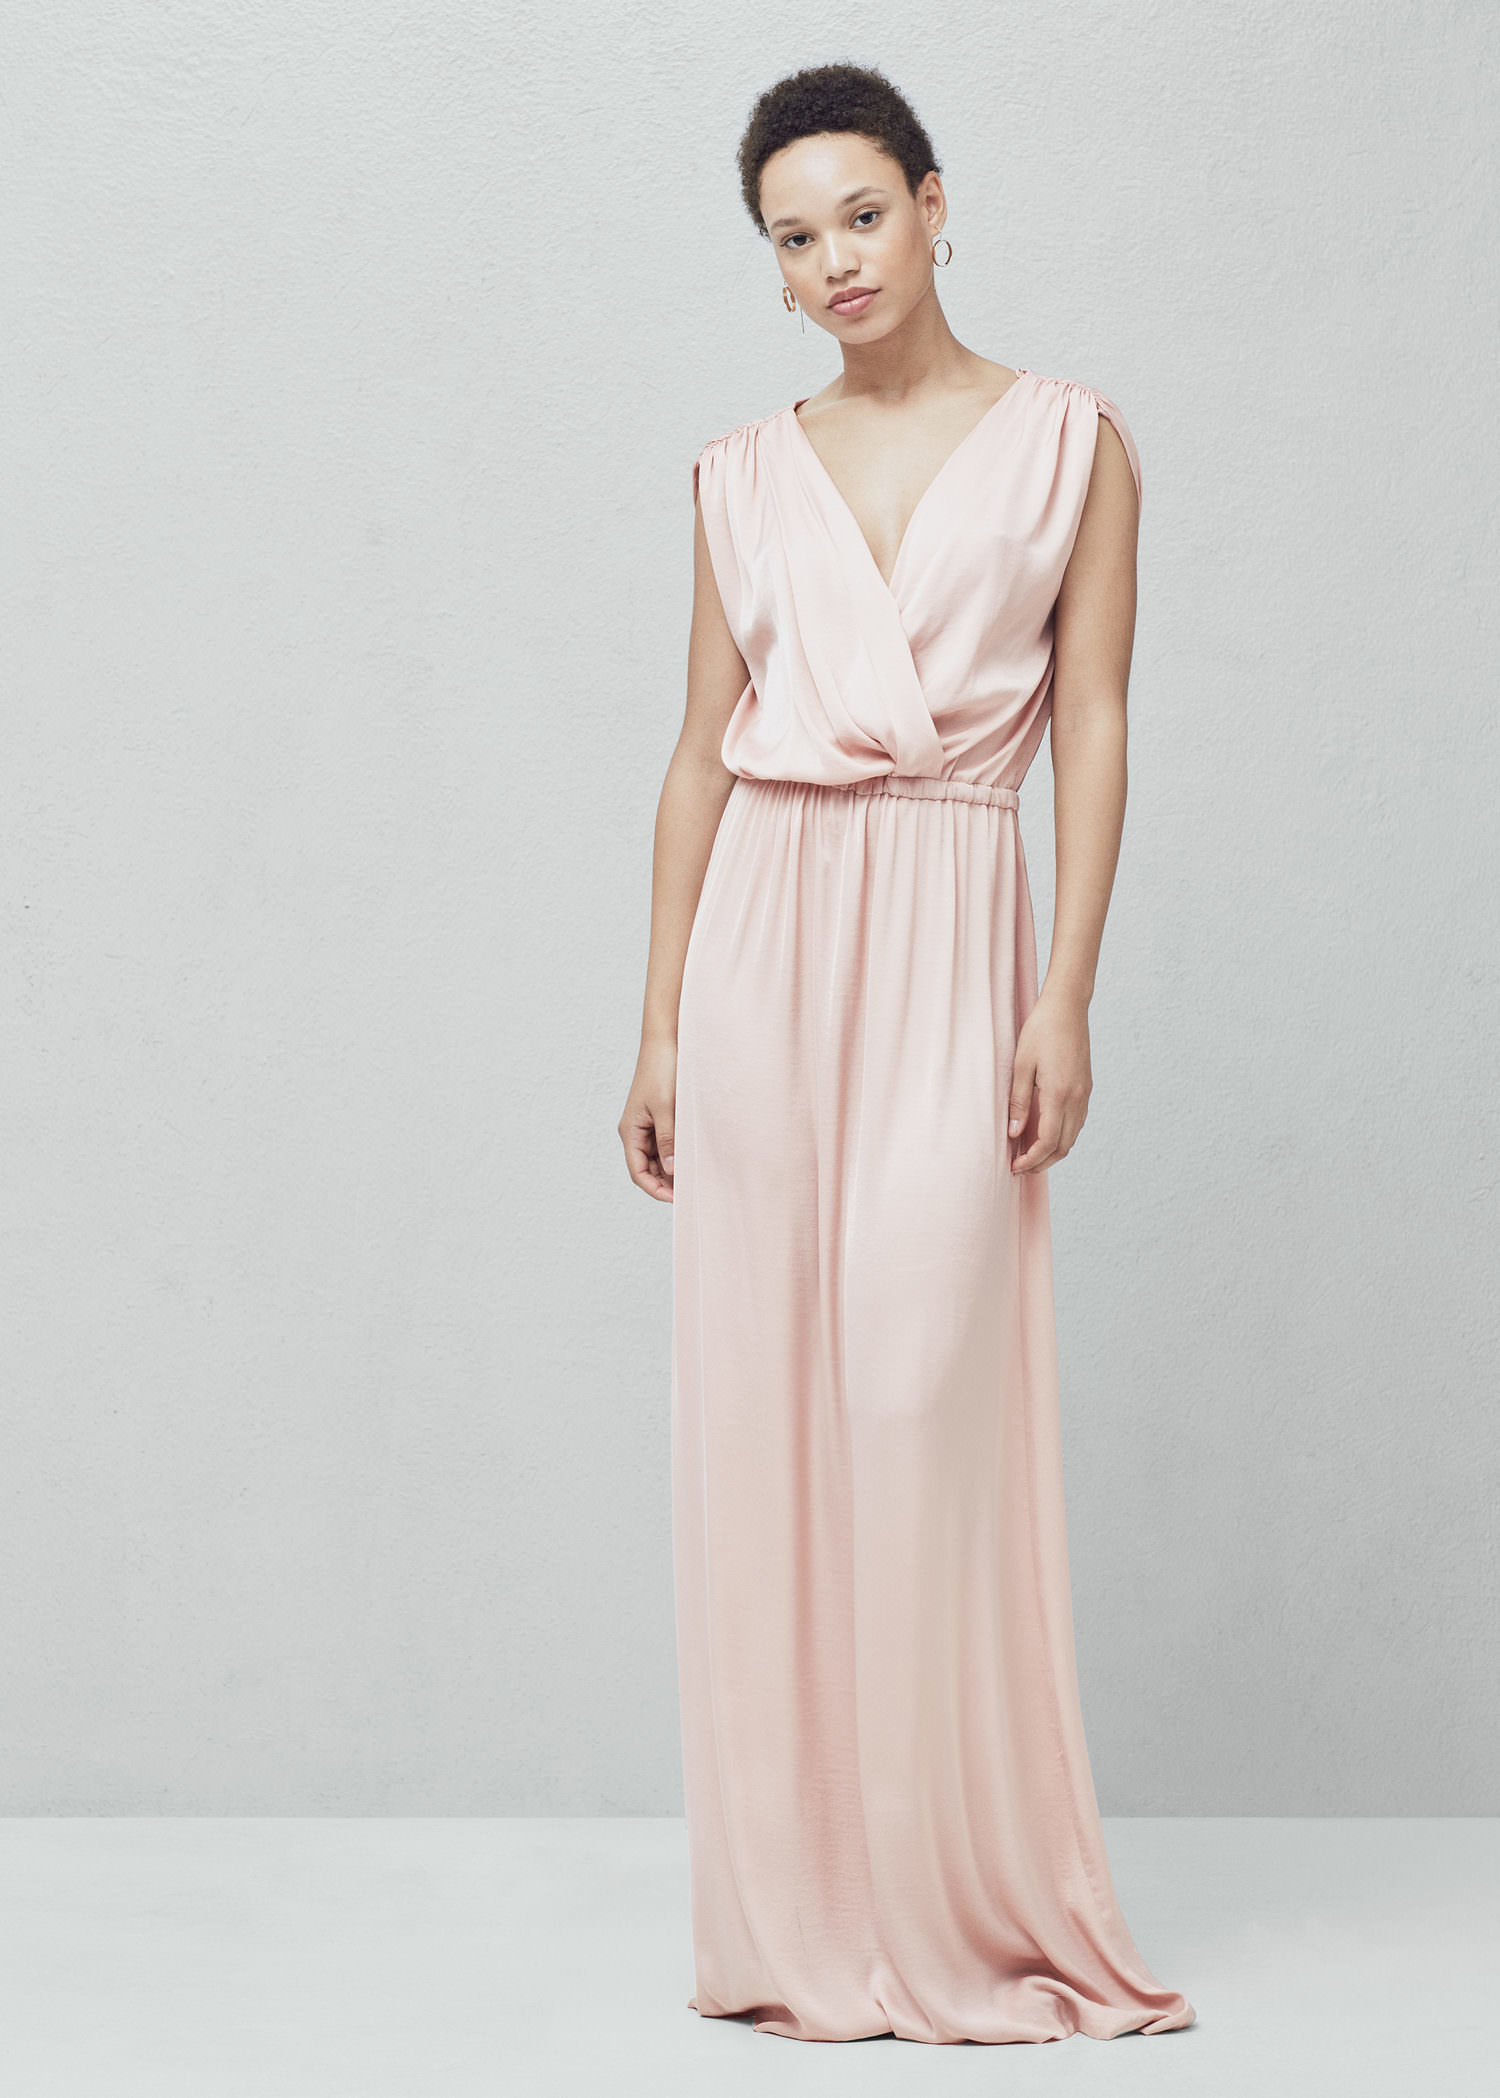 Tolle Mango Prom Kleid Fotos - Brautkleider Ideen - cashingy.info